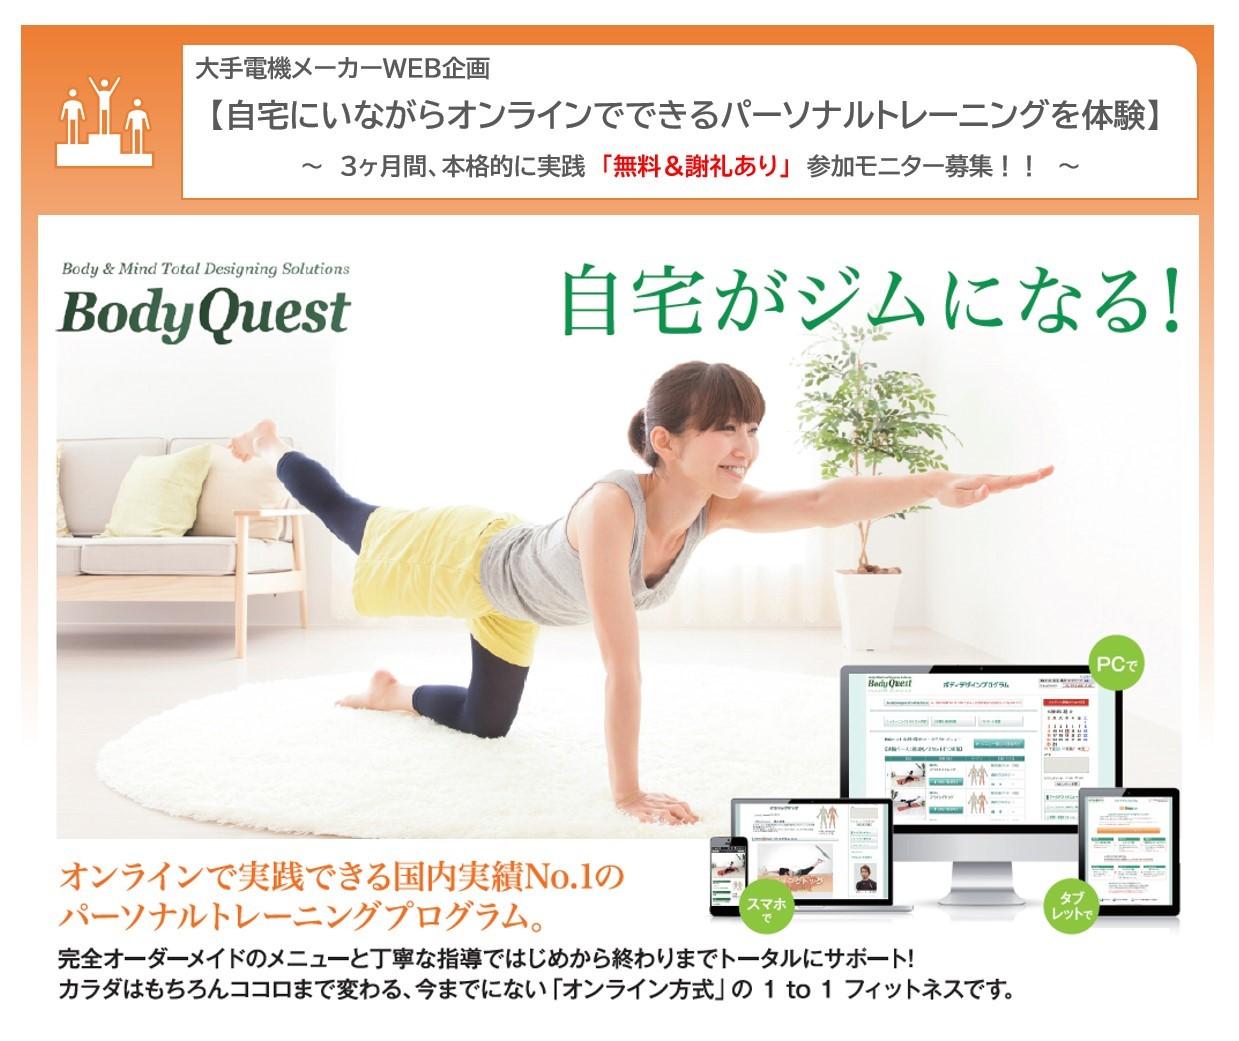 【募集終了】オンラインPT体験モニターご協力のお願い